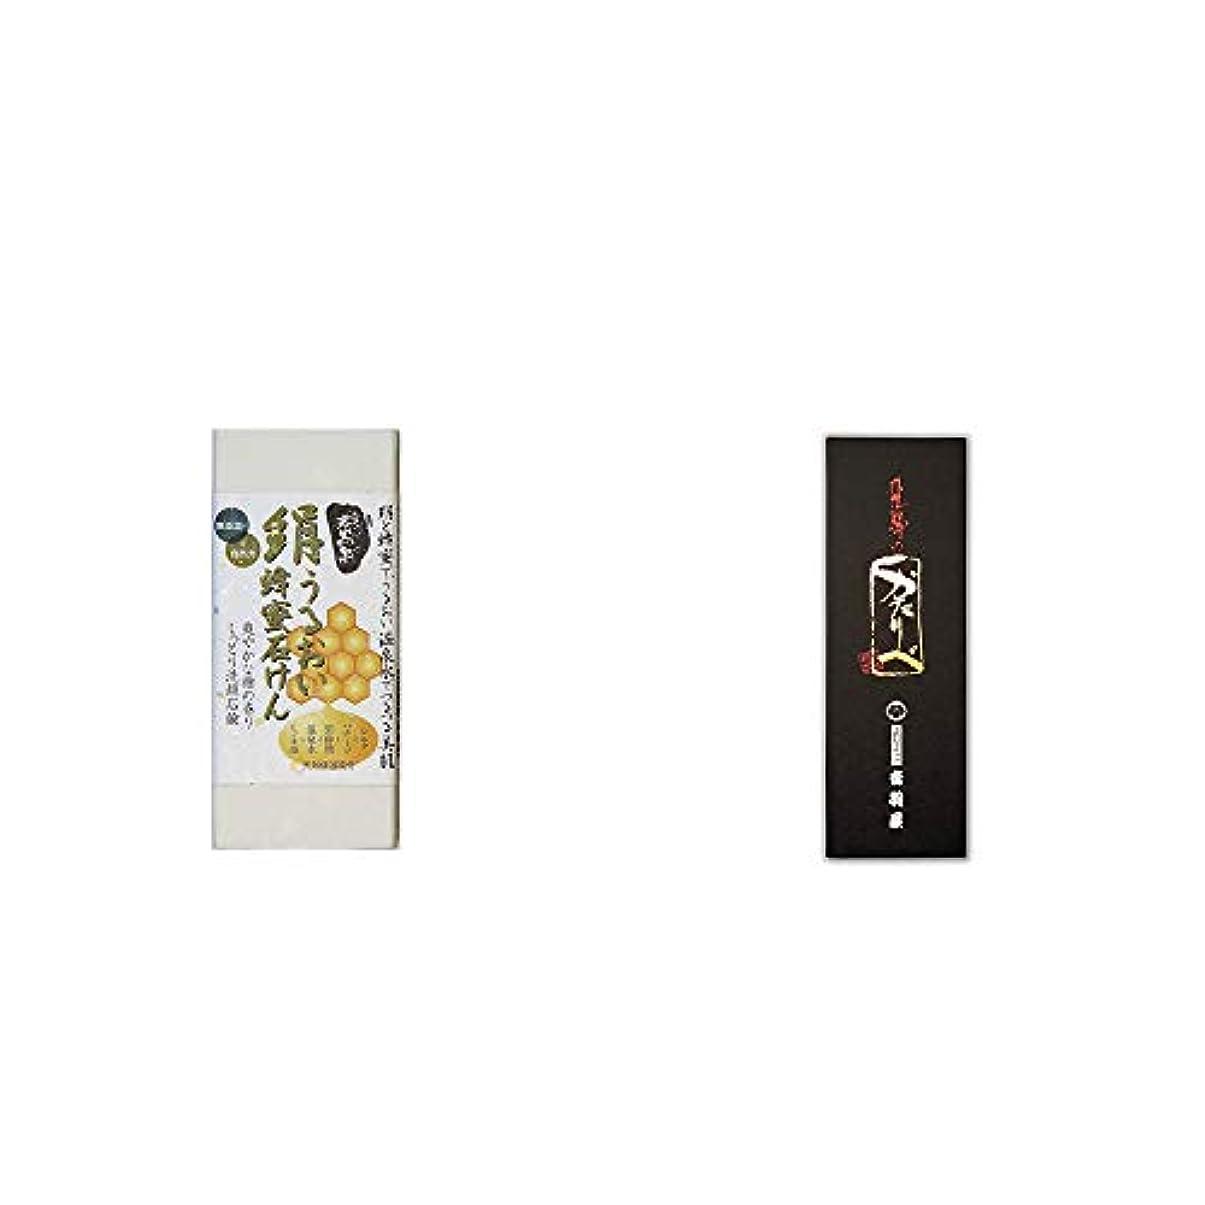 [2点セット] ひのき炭黒泉 絹うるおい蜂蜜石けん(75g×2)?岐阜銘菓 音羽屋 飛騨のかたりべ[6個入]